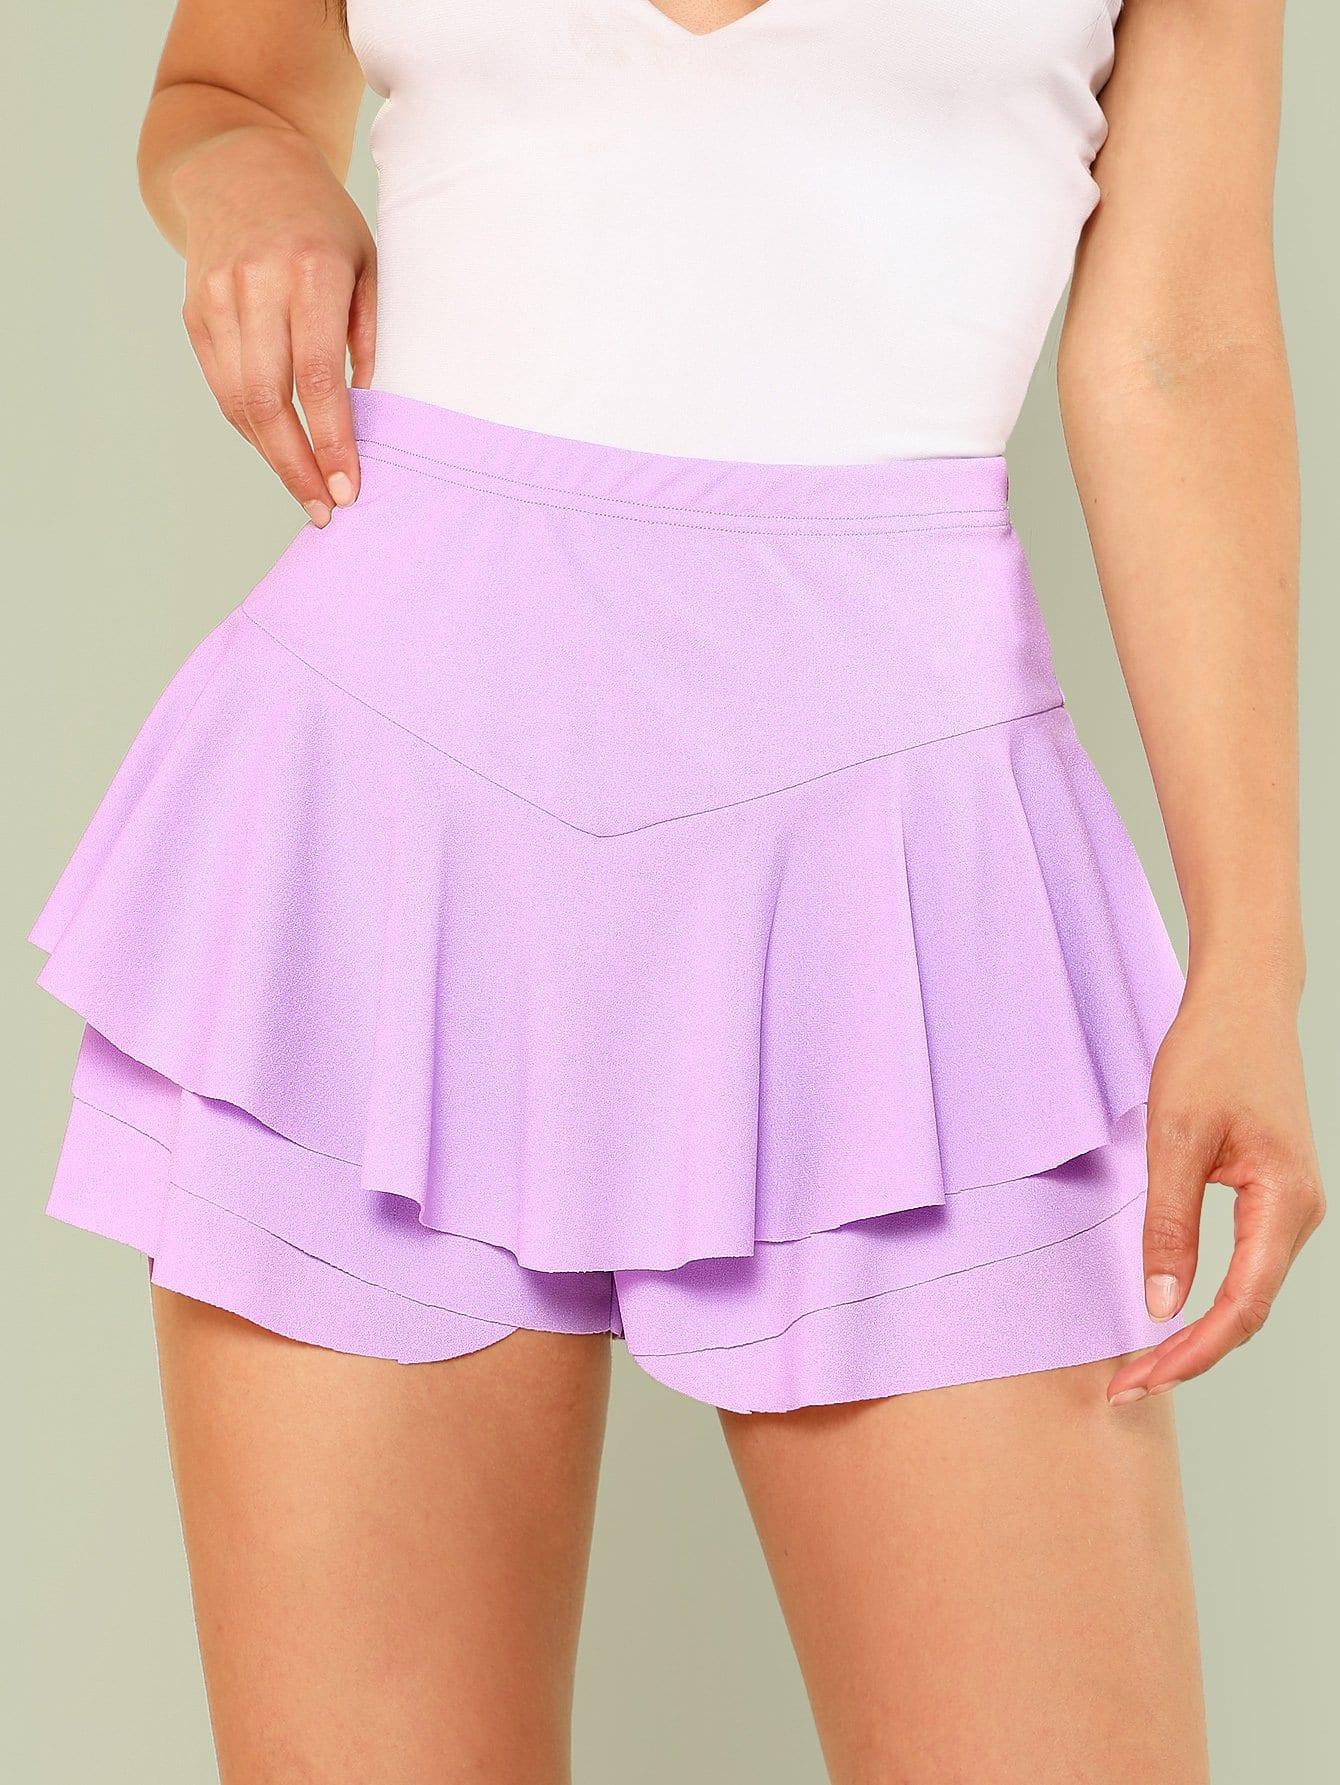 Ruffle Layered Skirt Shorts layered ruffle skirt pants